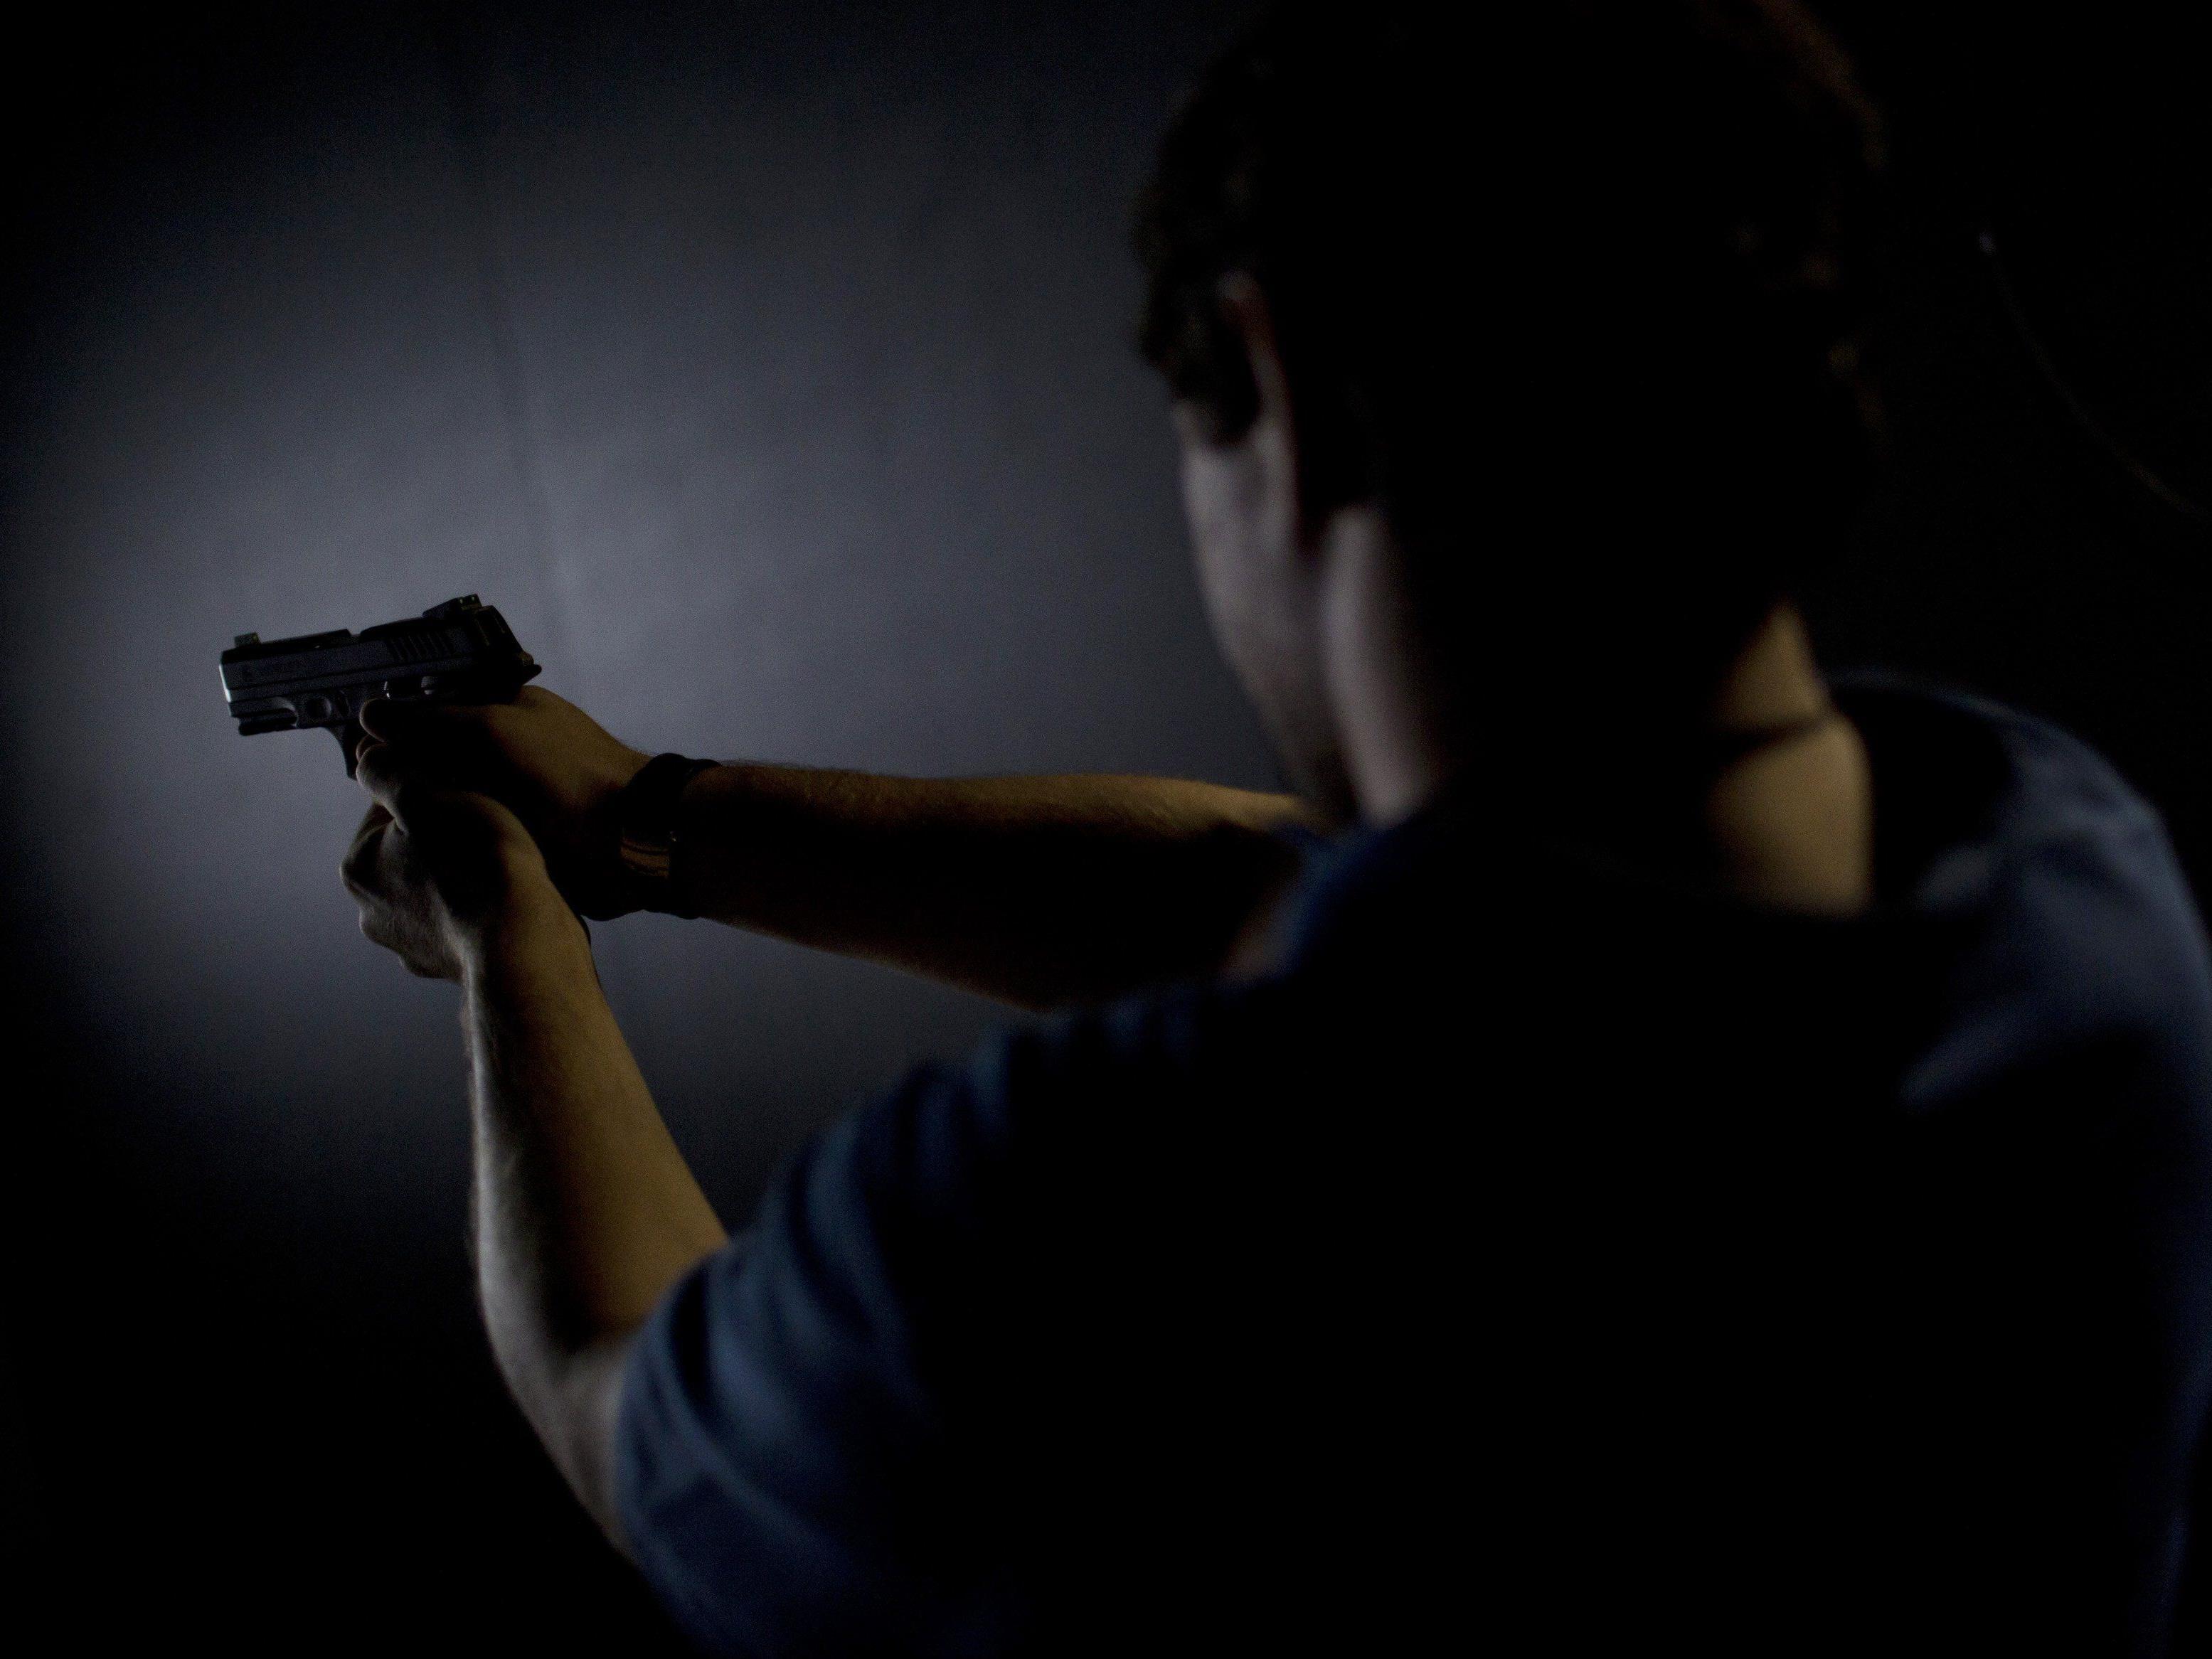 Ein 47-Jähriger Mann schoss sich beim Reinigen seiner Pistole in die linke Hand.